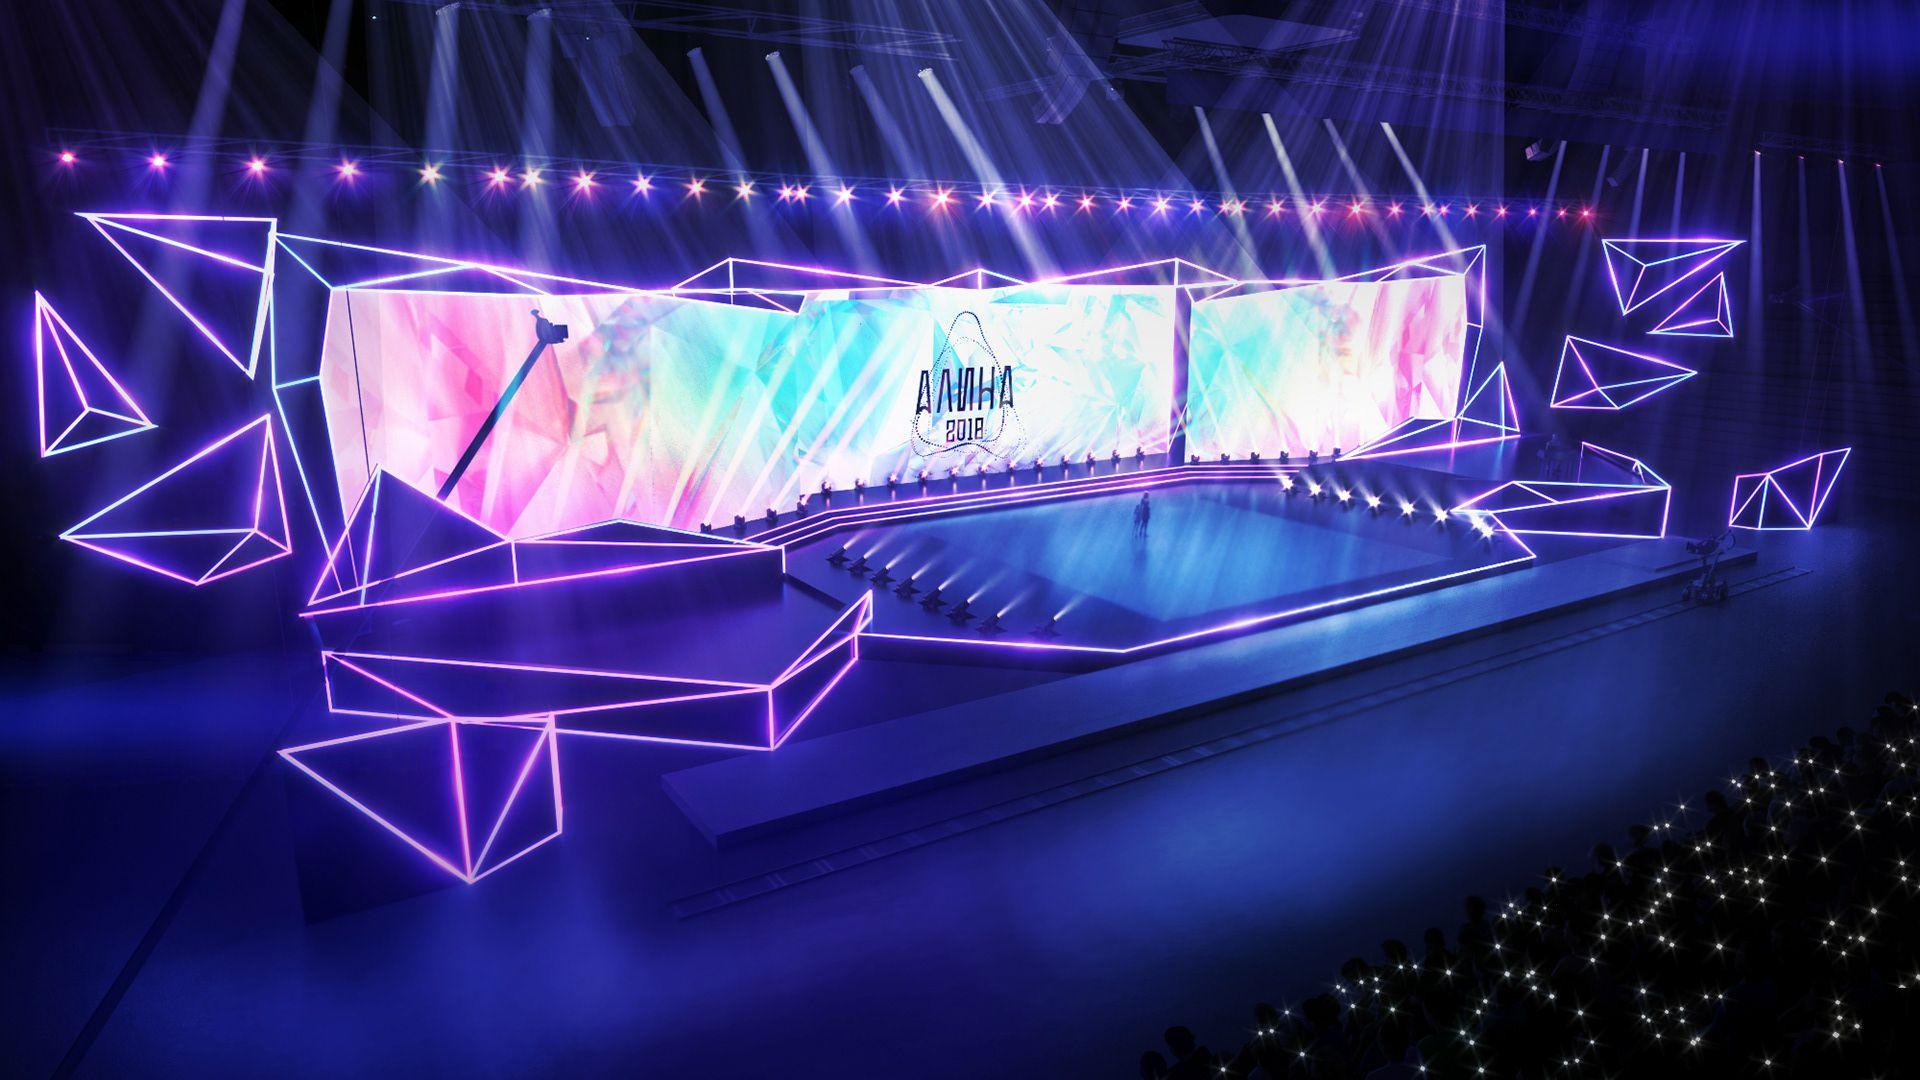 Festival Alina 2018 On Behance Concert Stage Design Stage Set Design Corporate Event Design